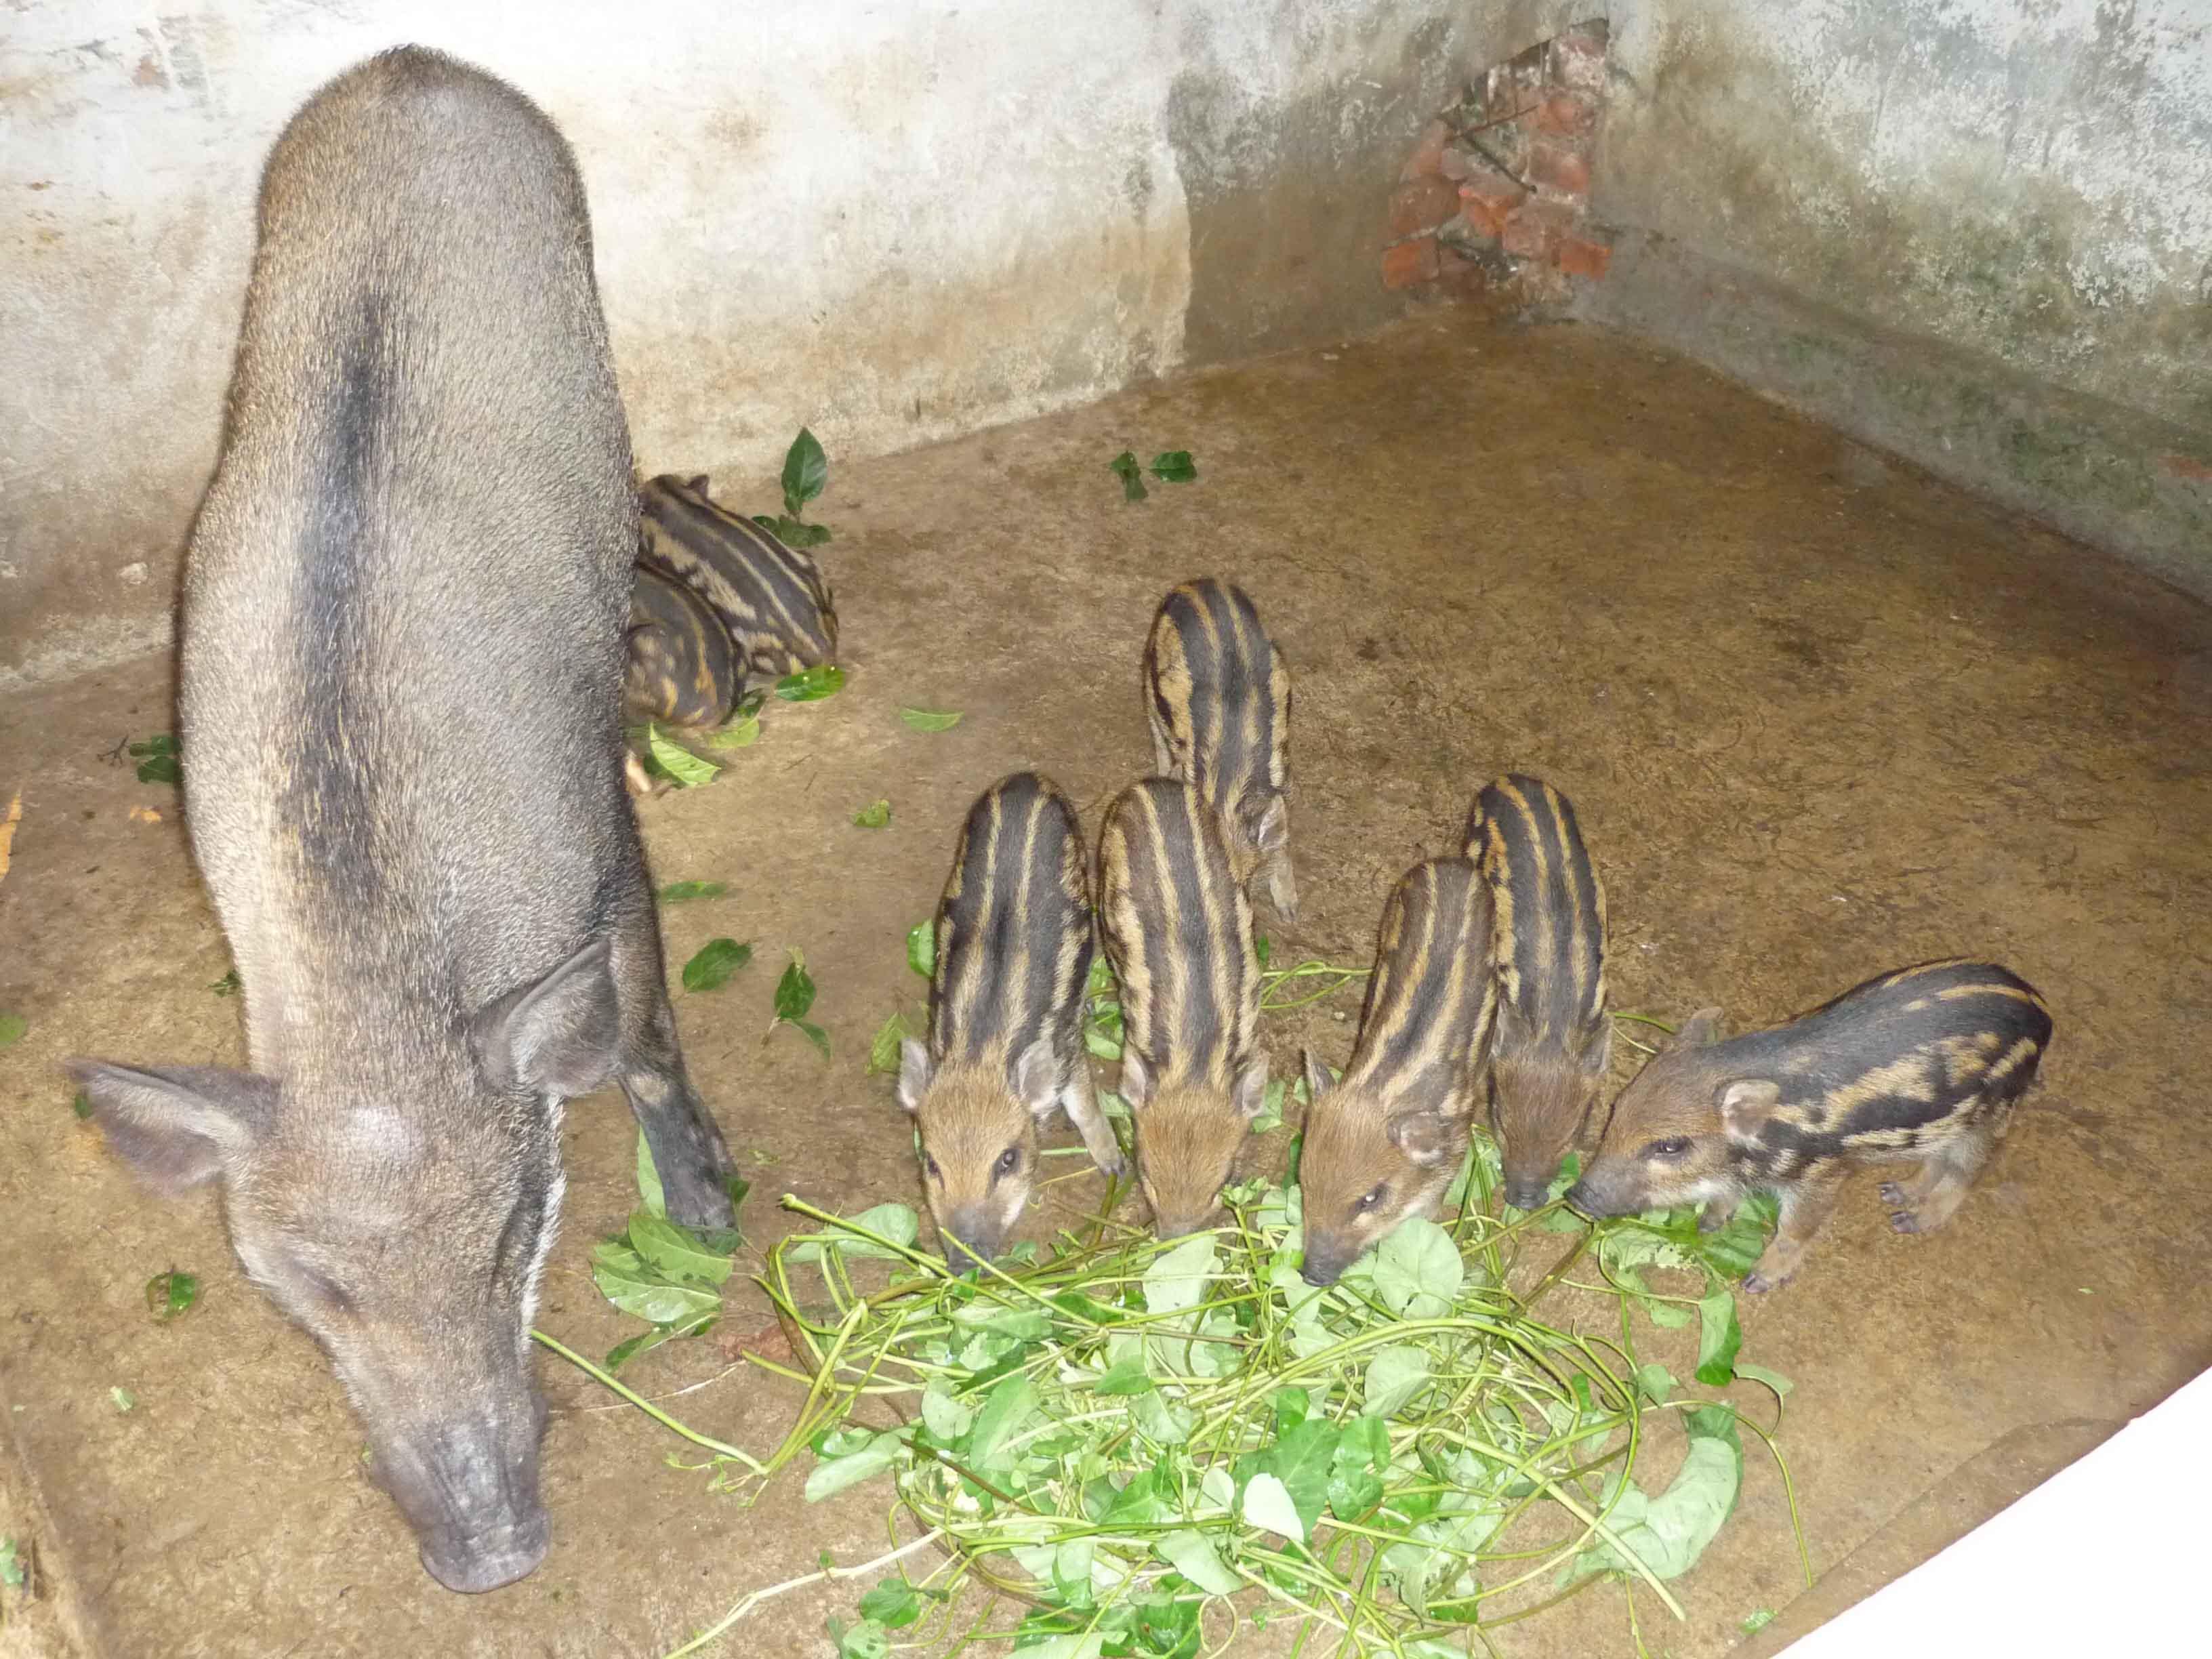 lợn rừng mẹ và lợn rừng con